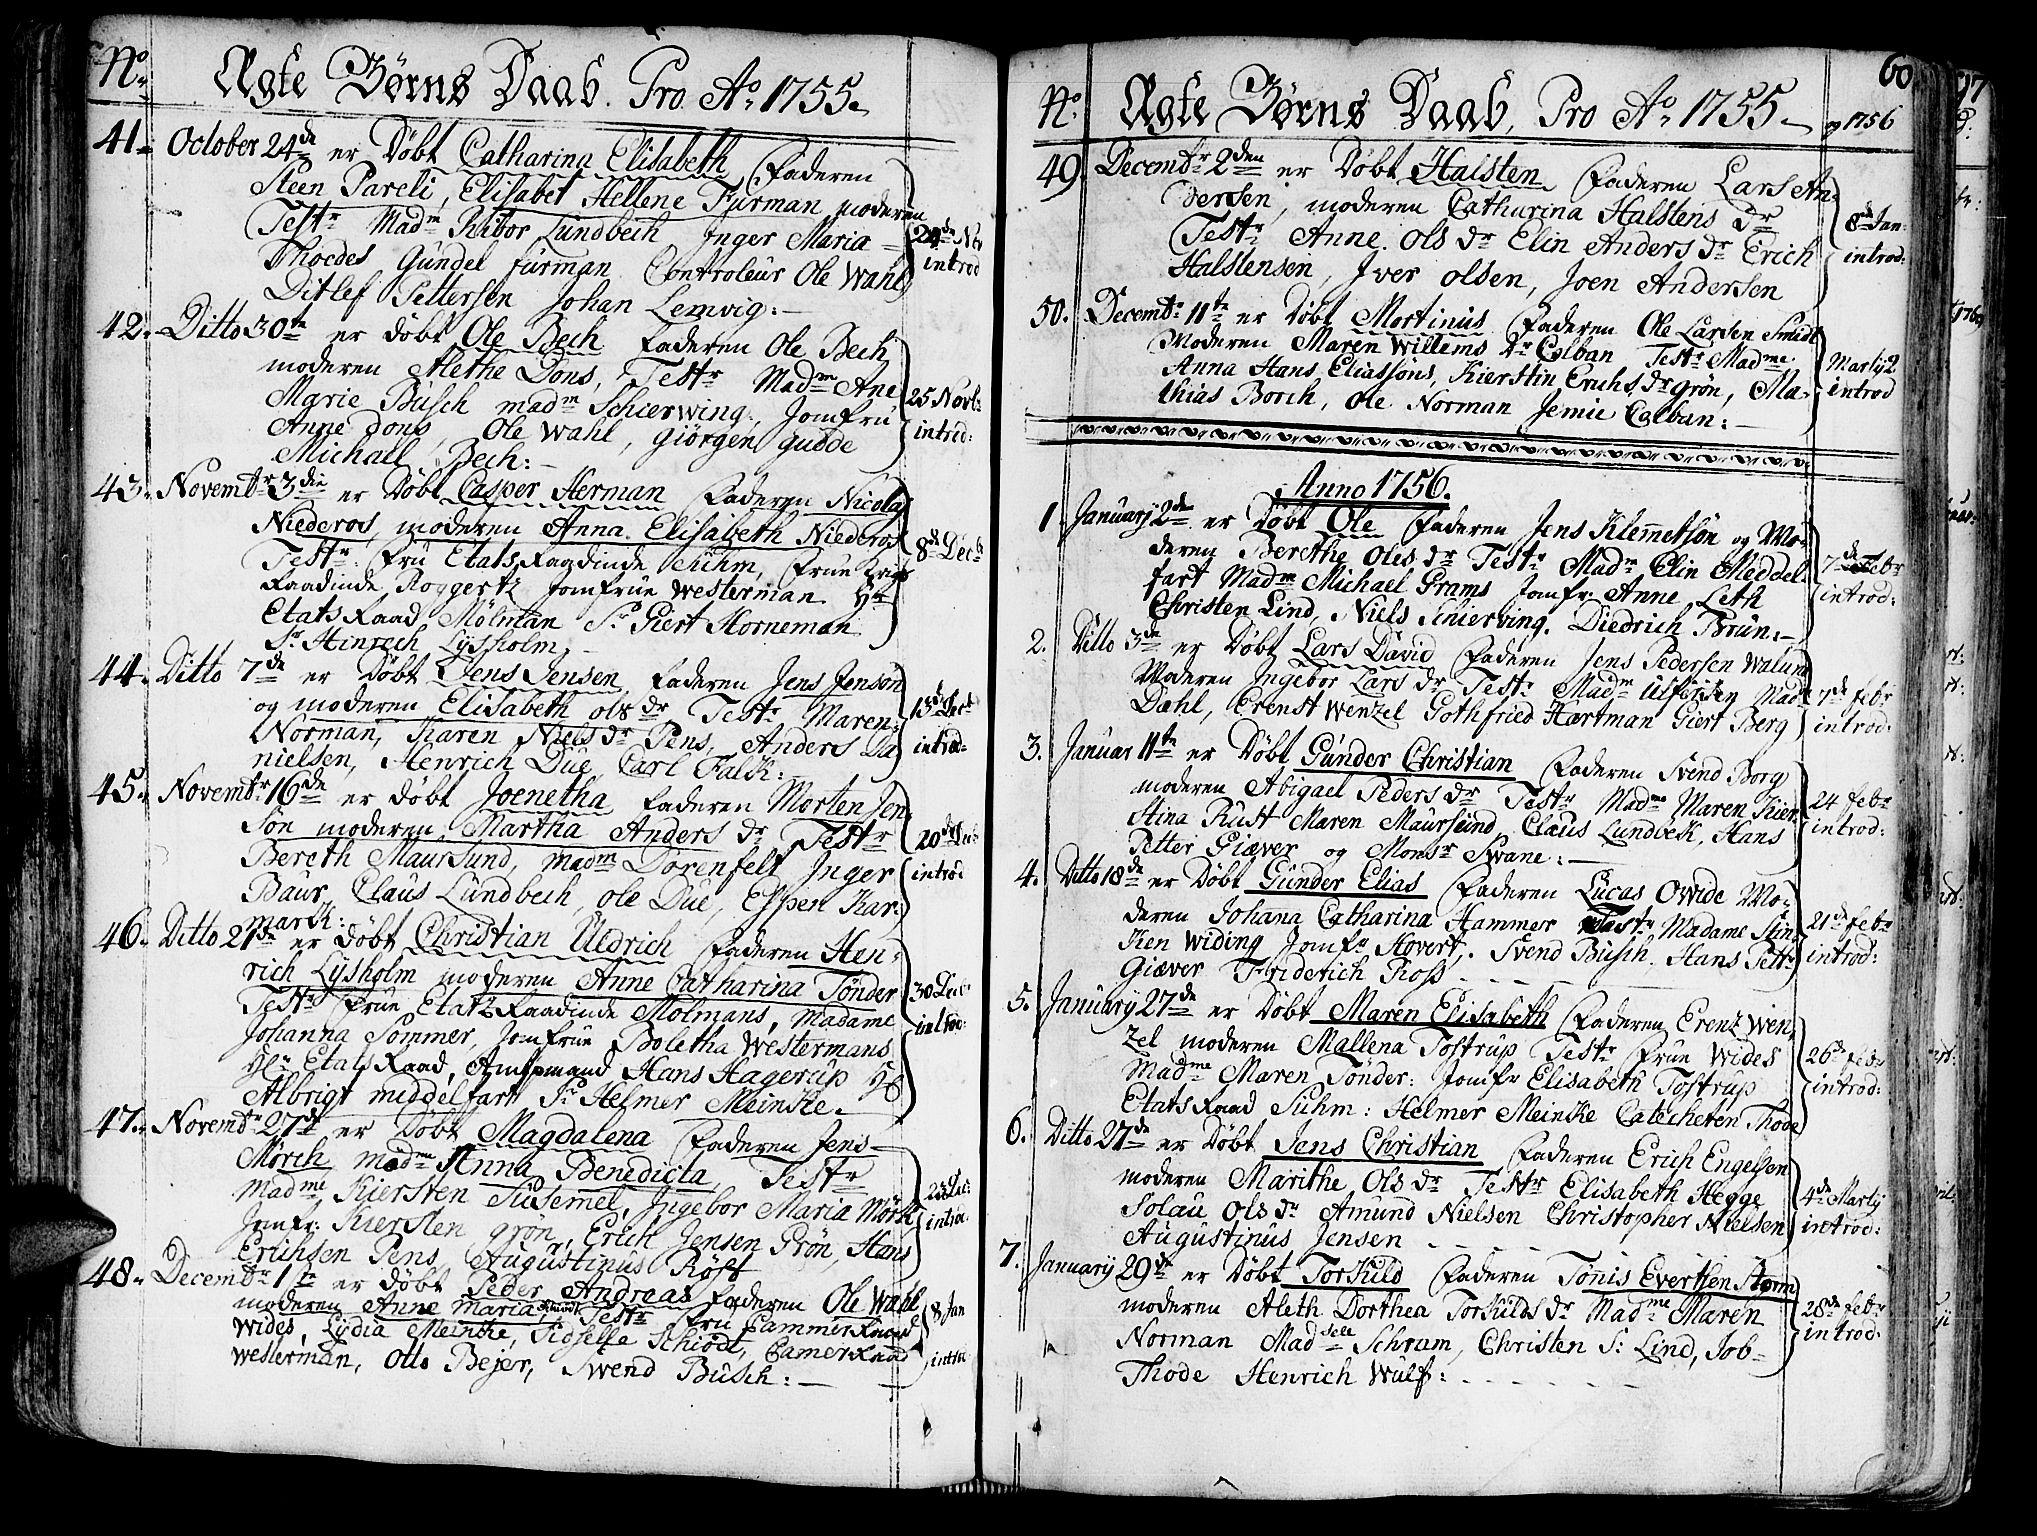 SAT, Ministerialprotokoller, klokkerbøker og fødselsregistre - Sør-Trøndelag, 602/L0103: Ministerialbok nr. 602A01, 1732-1774, s. 60